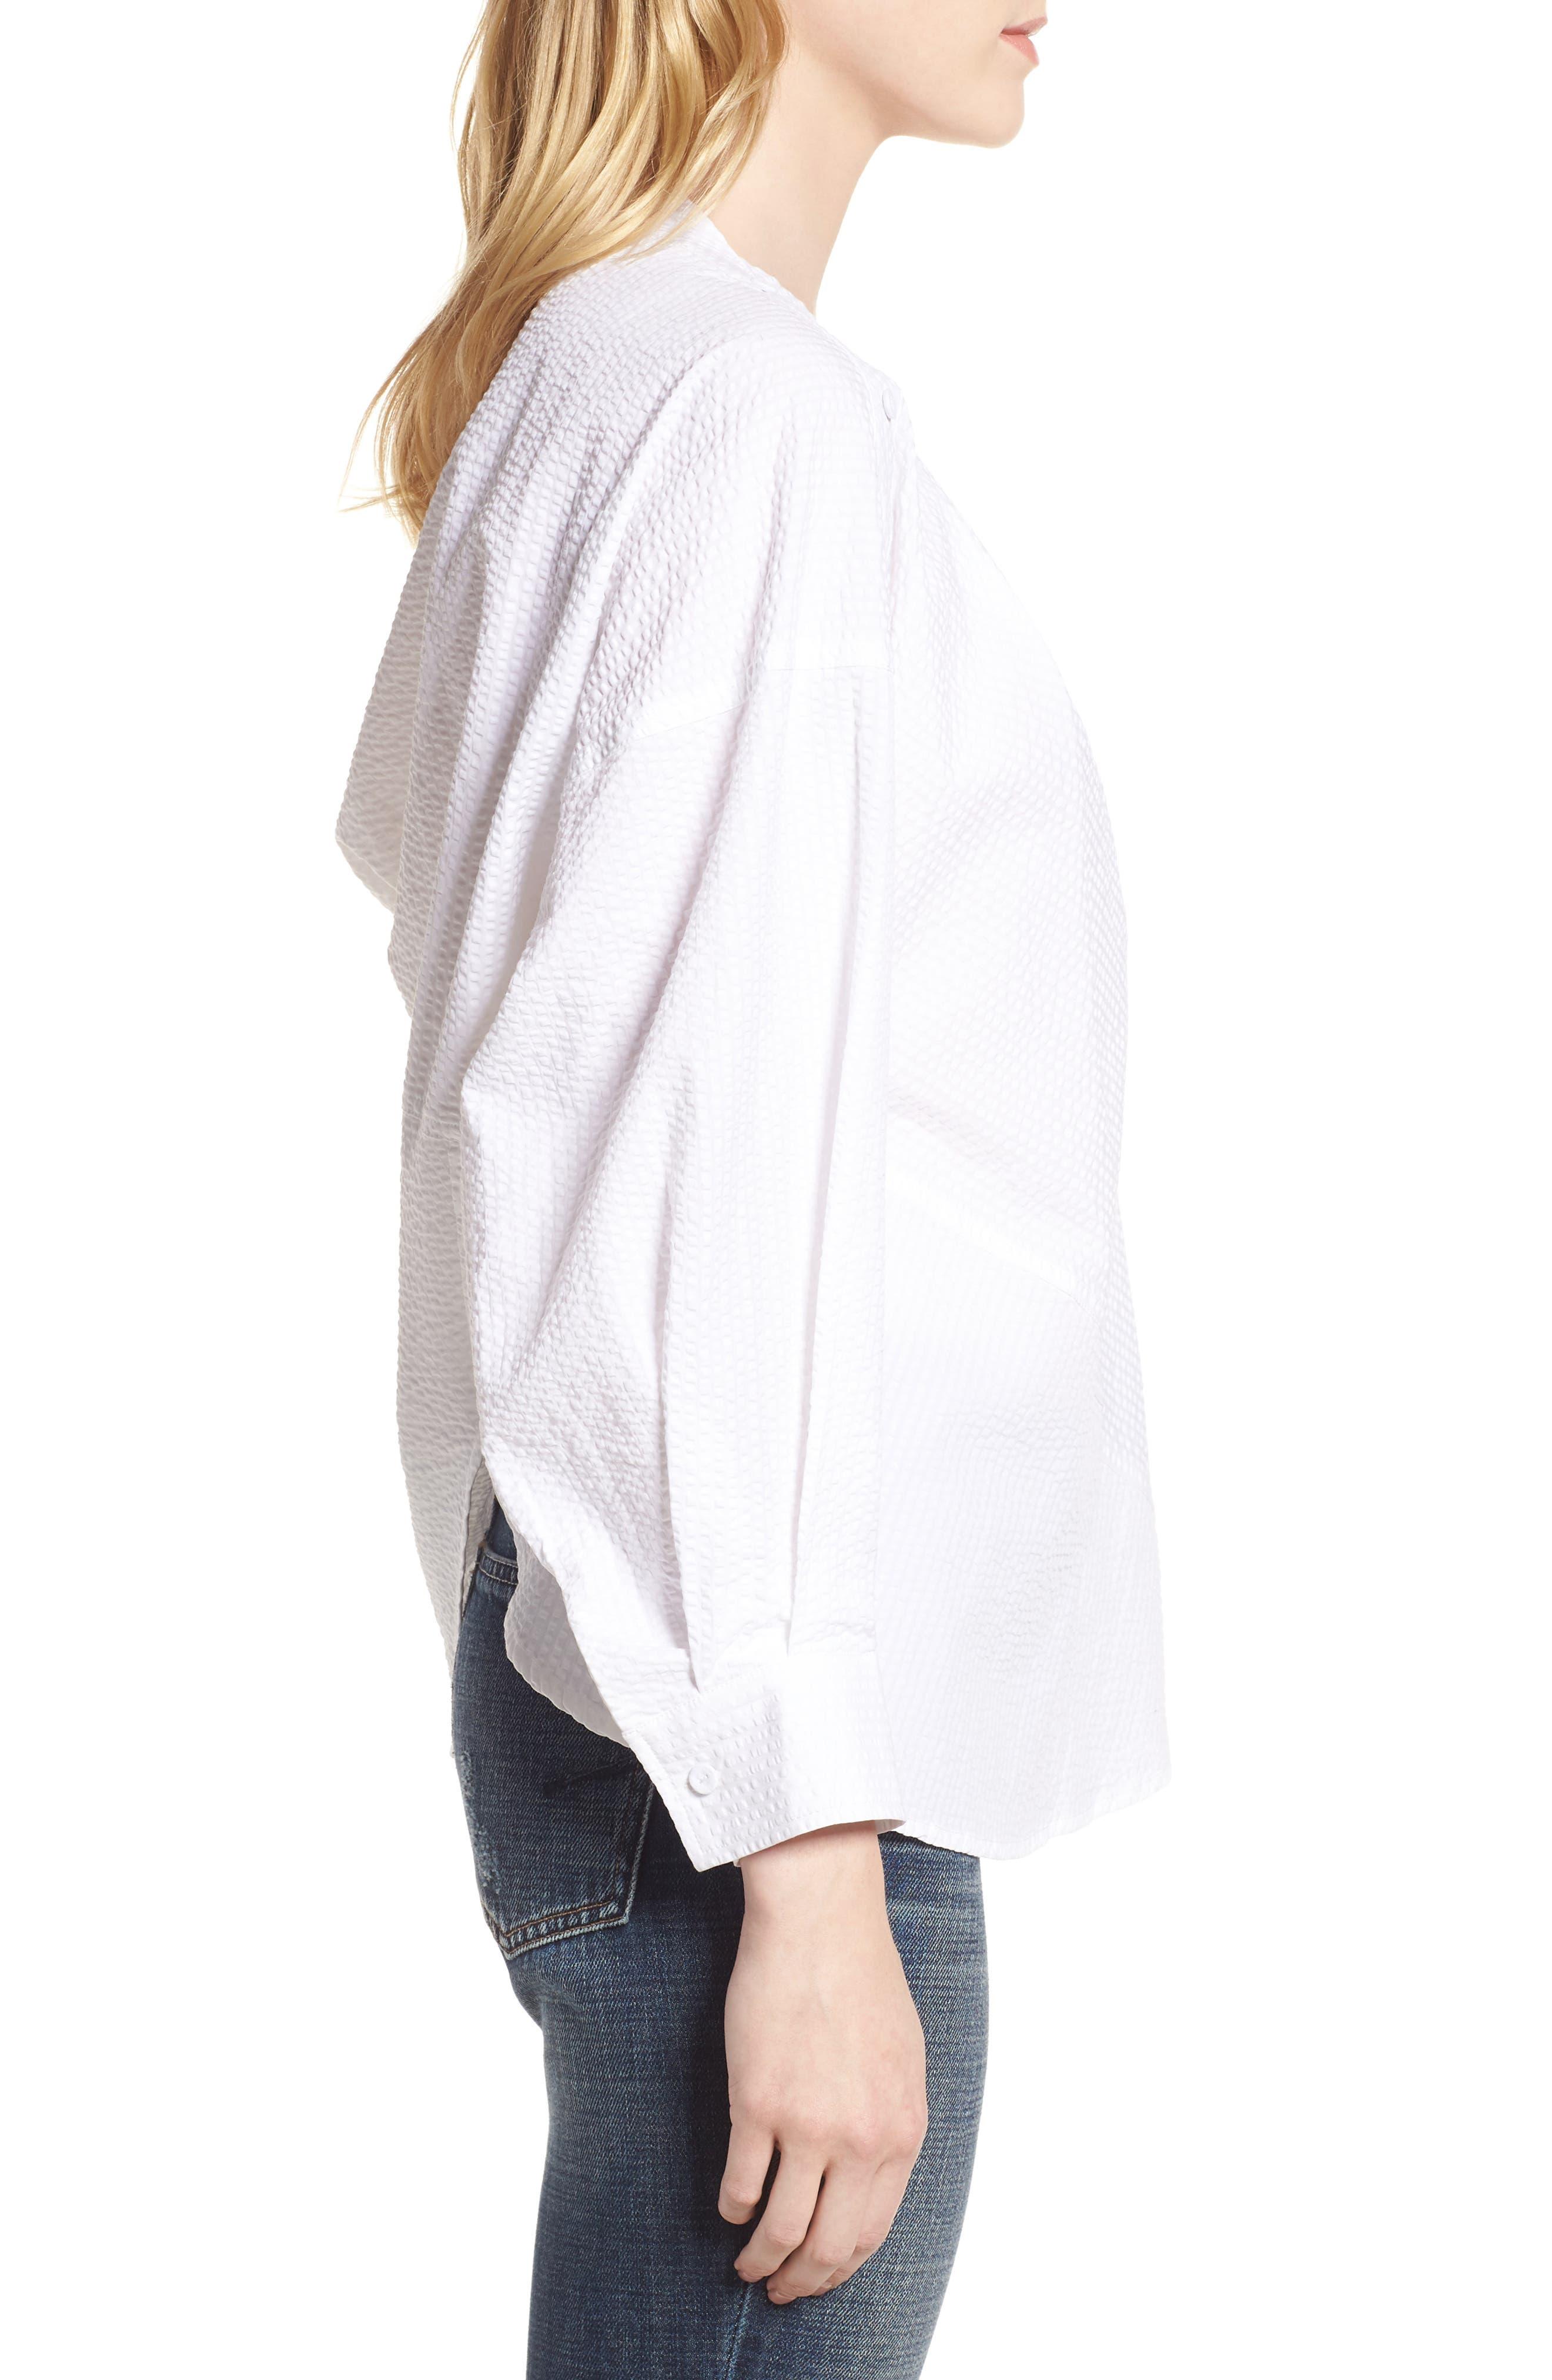 Daphne One Shoulder Cotton Top,                             Alternate thumbnail 4, color,                             150